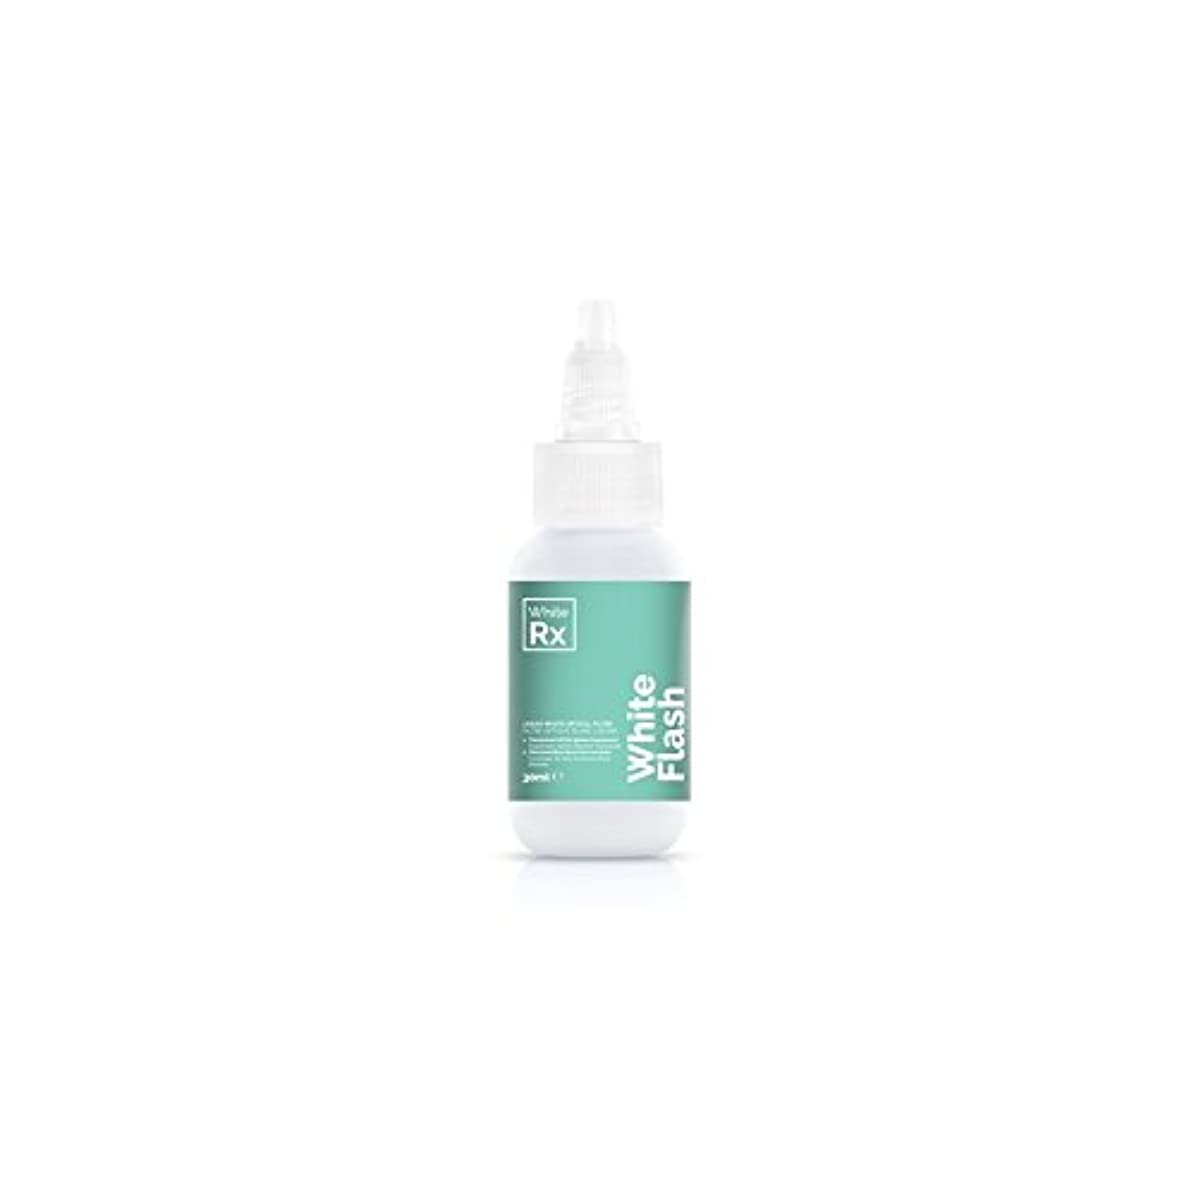 突然東部しかし白いフラッシュスキントリートメント(30ミリリットル) x2 - Whiterx White Flash Skin Treatment (30ml) (Pack of 2) [並行輸入品]